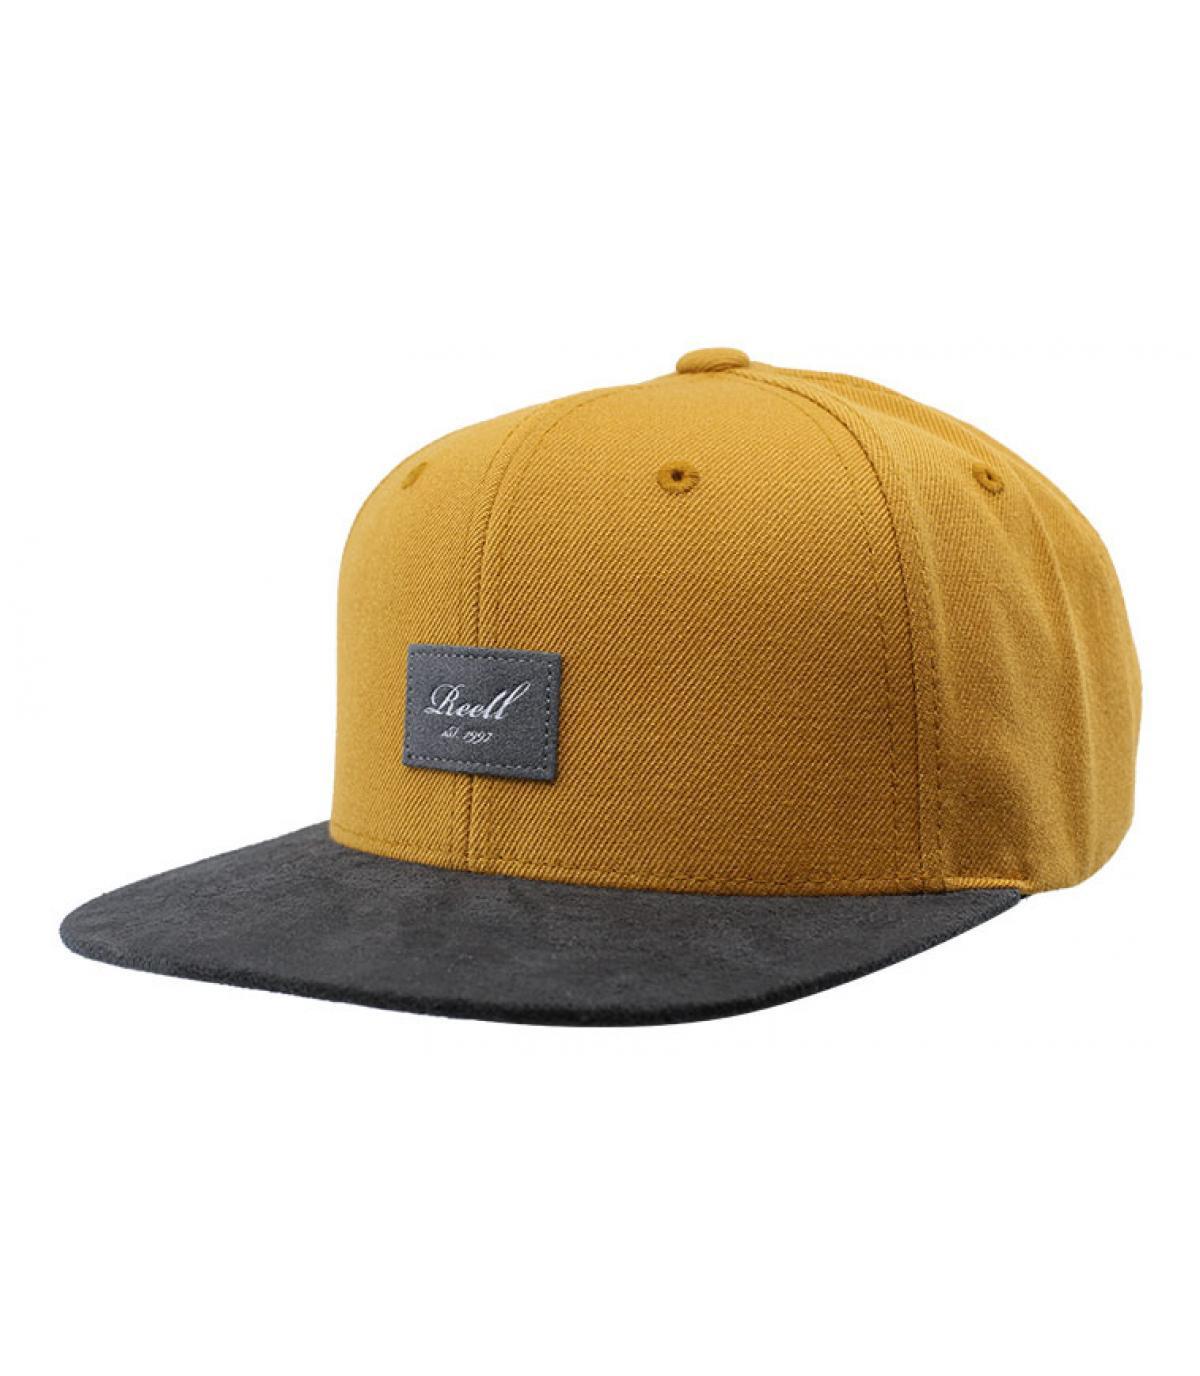 Détails Suede Cap Yellow brown - image 2